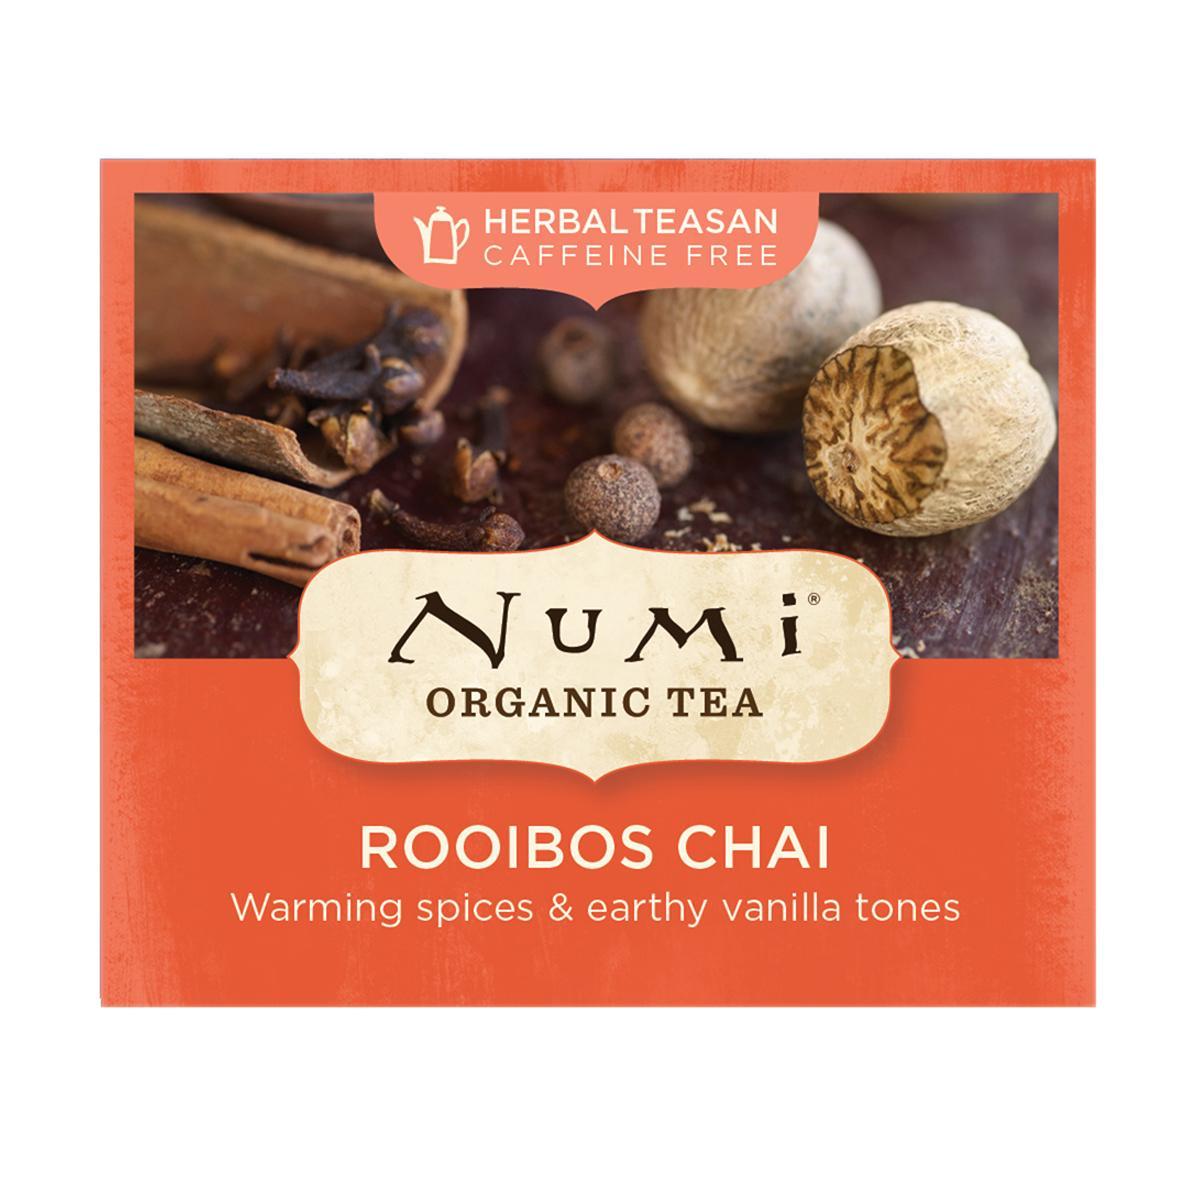 Numi Organic Tea Rooibos Chai 2,7 g, 1 ks